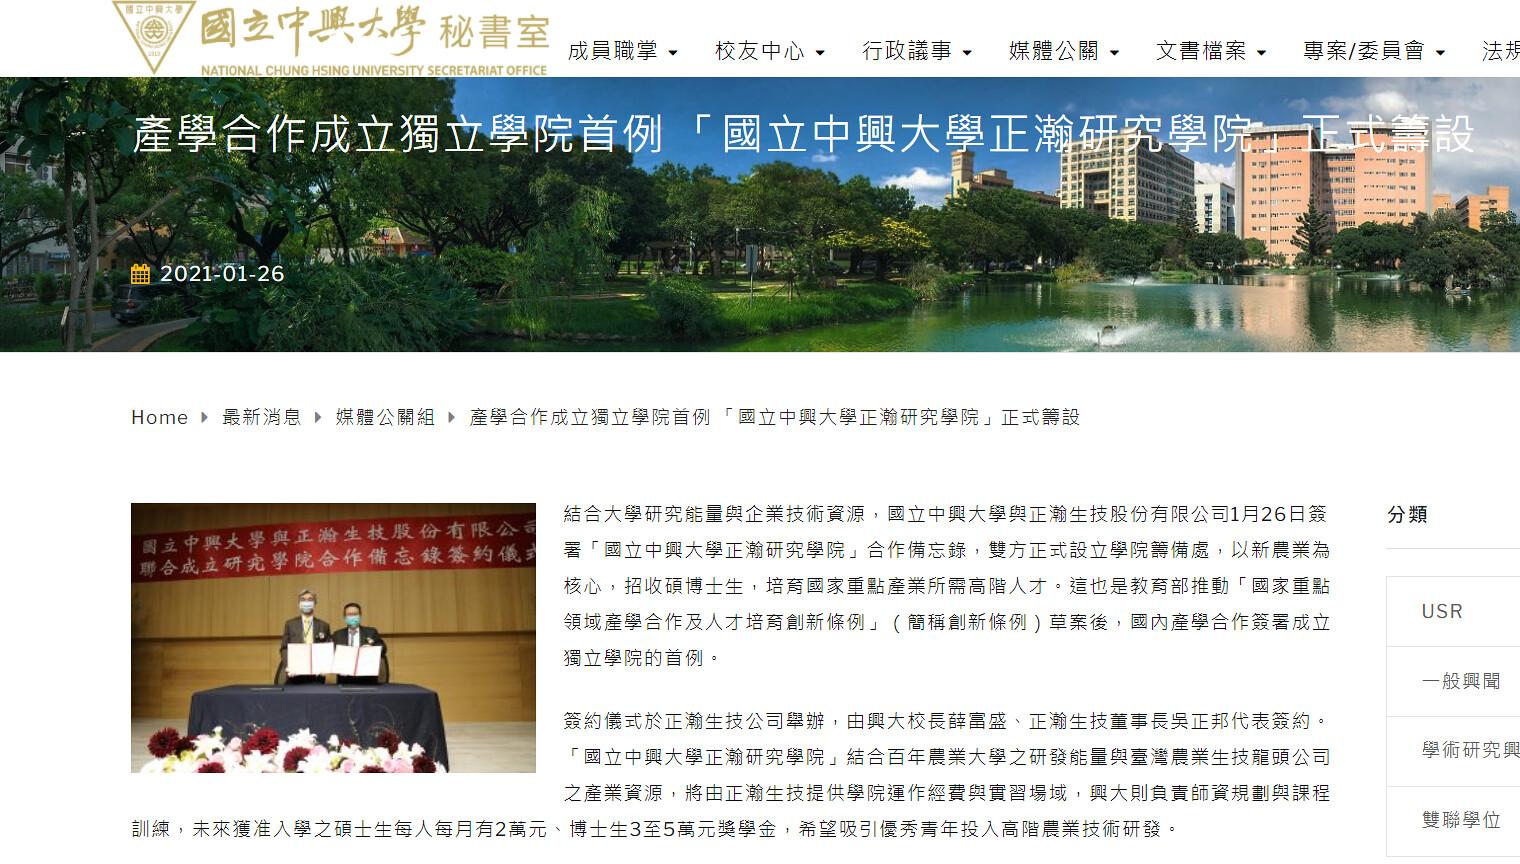 中興大學今年1月宣布和正瀚生技合作成立「正瀚研究學院」。(圖片取自網路)